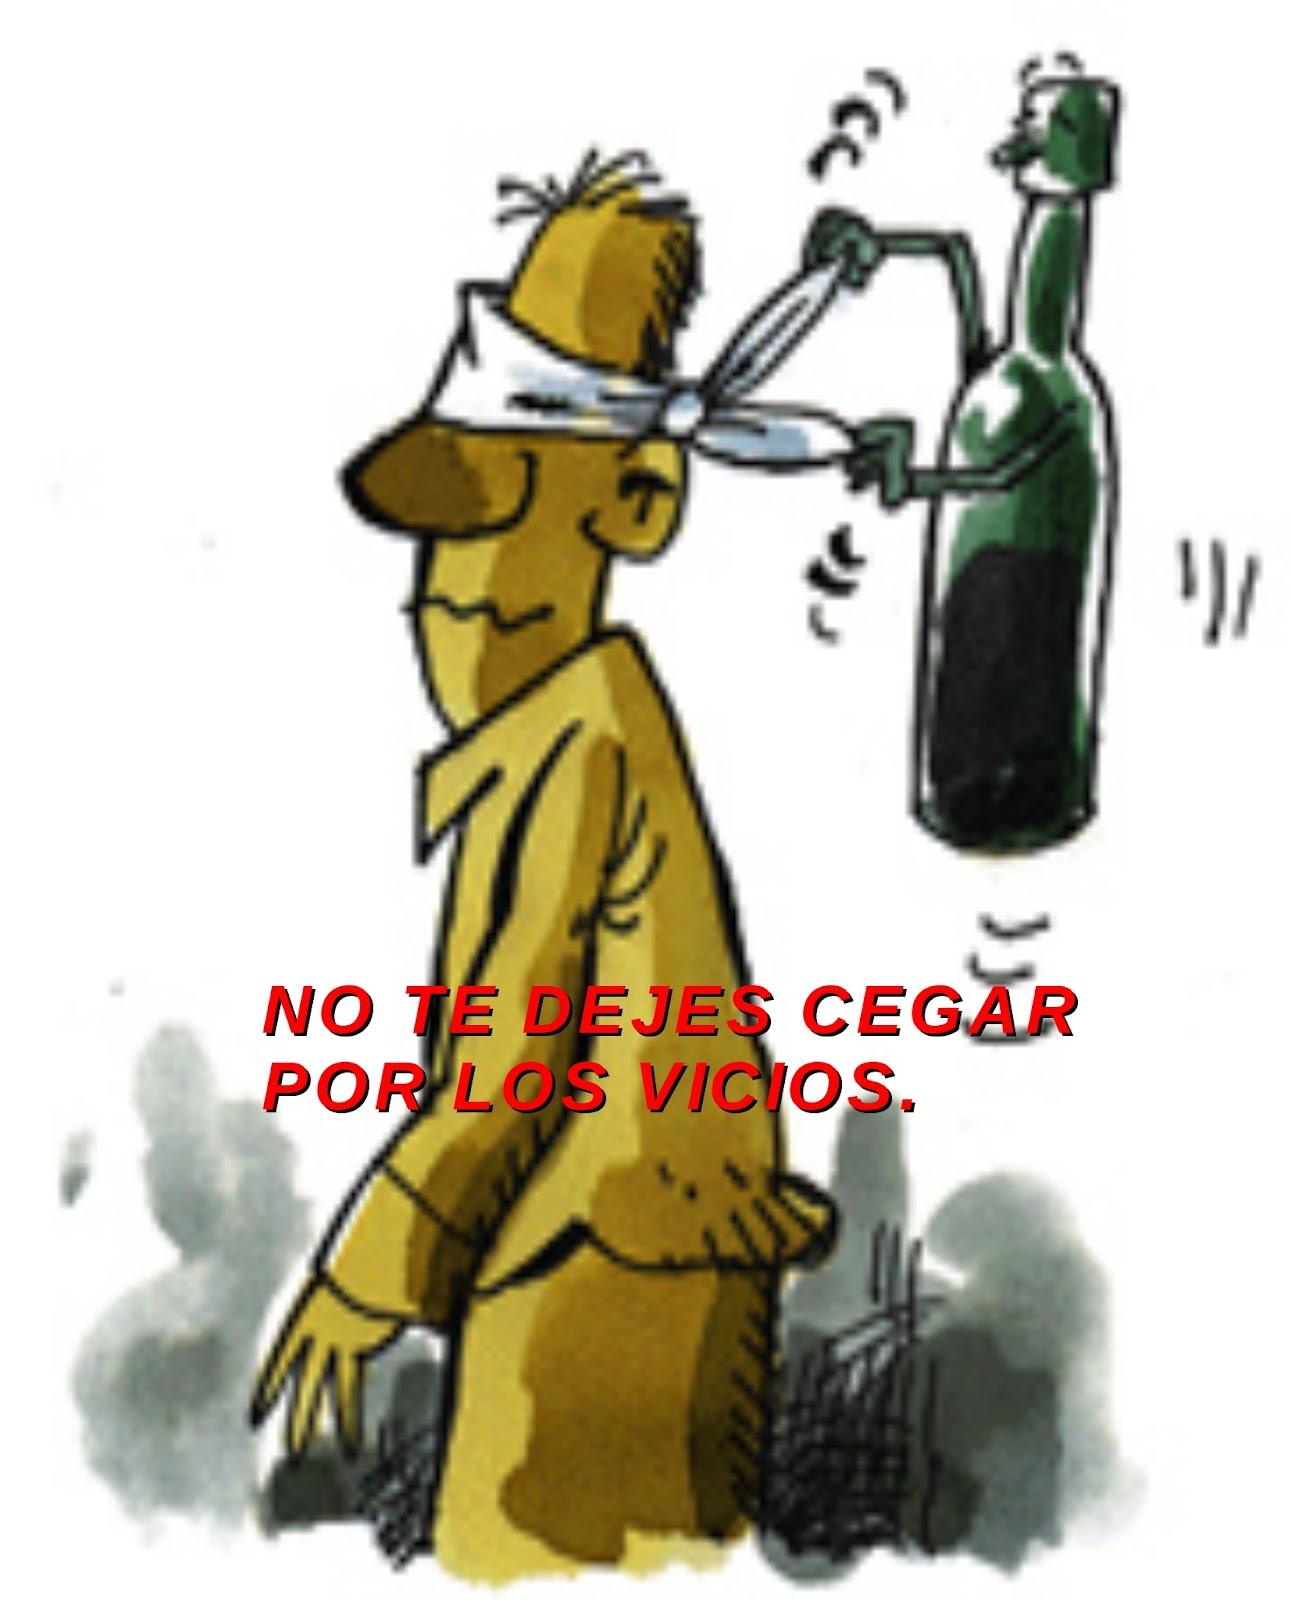 trabajosferreiragustavo2012: alcoholismo, tabaquismo y drogadicción